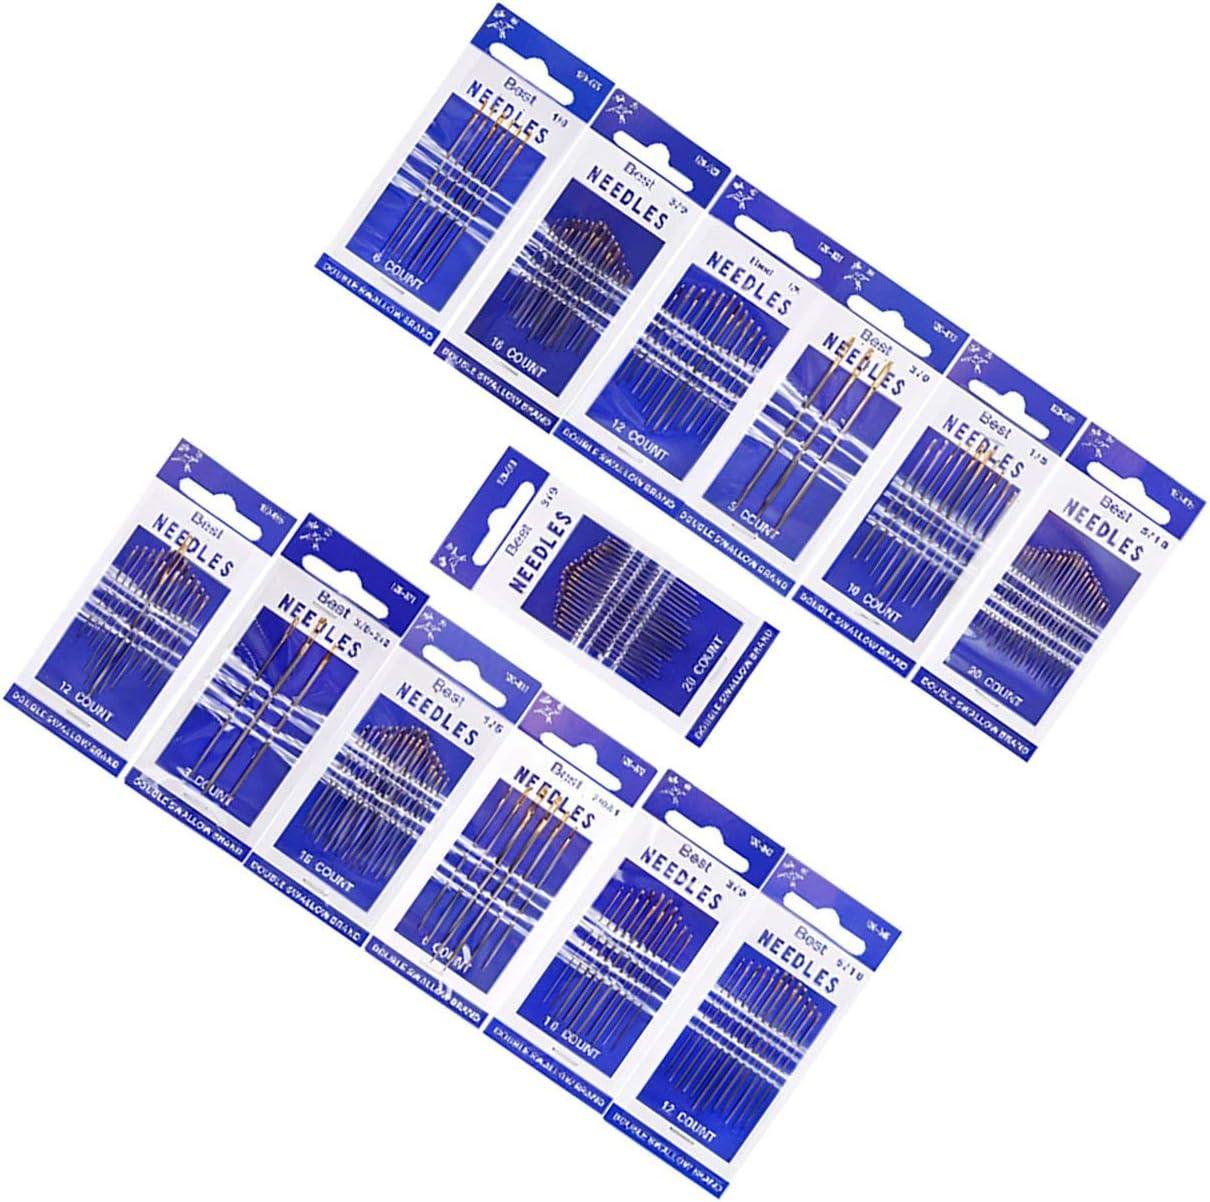 YUIO C01-004-00179 N/ähnadeln Einf/ädeln Industrielles Universal-Mixed-Kit-Verpackungsn/ähmaschinenzubeh/ör Silber C01-004-00179